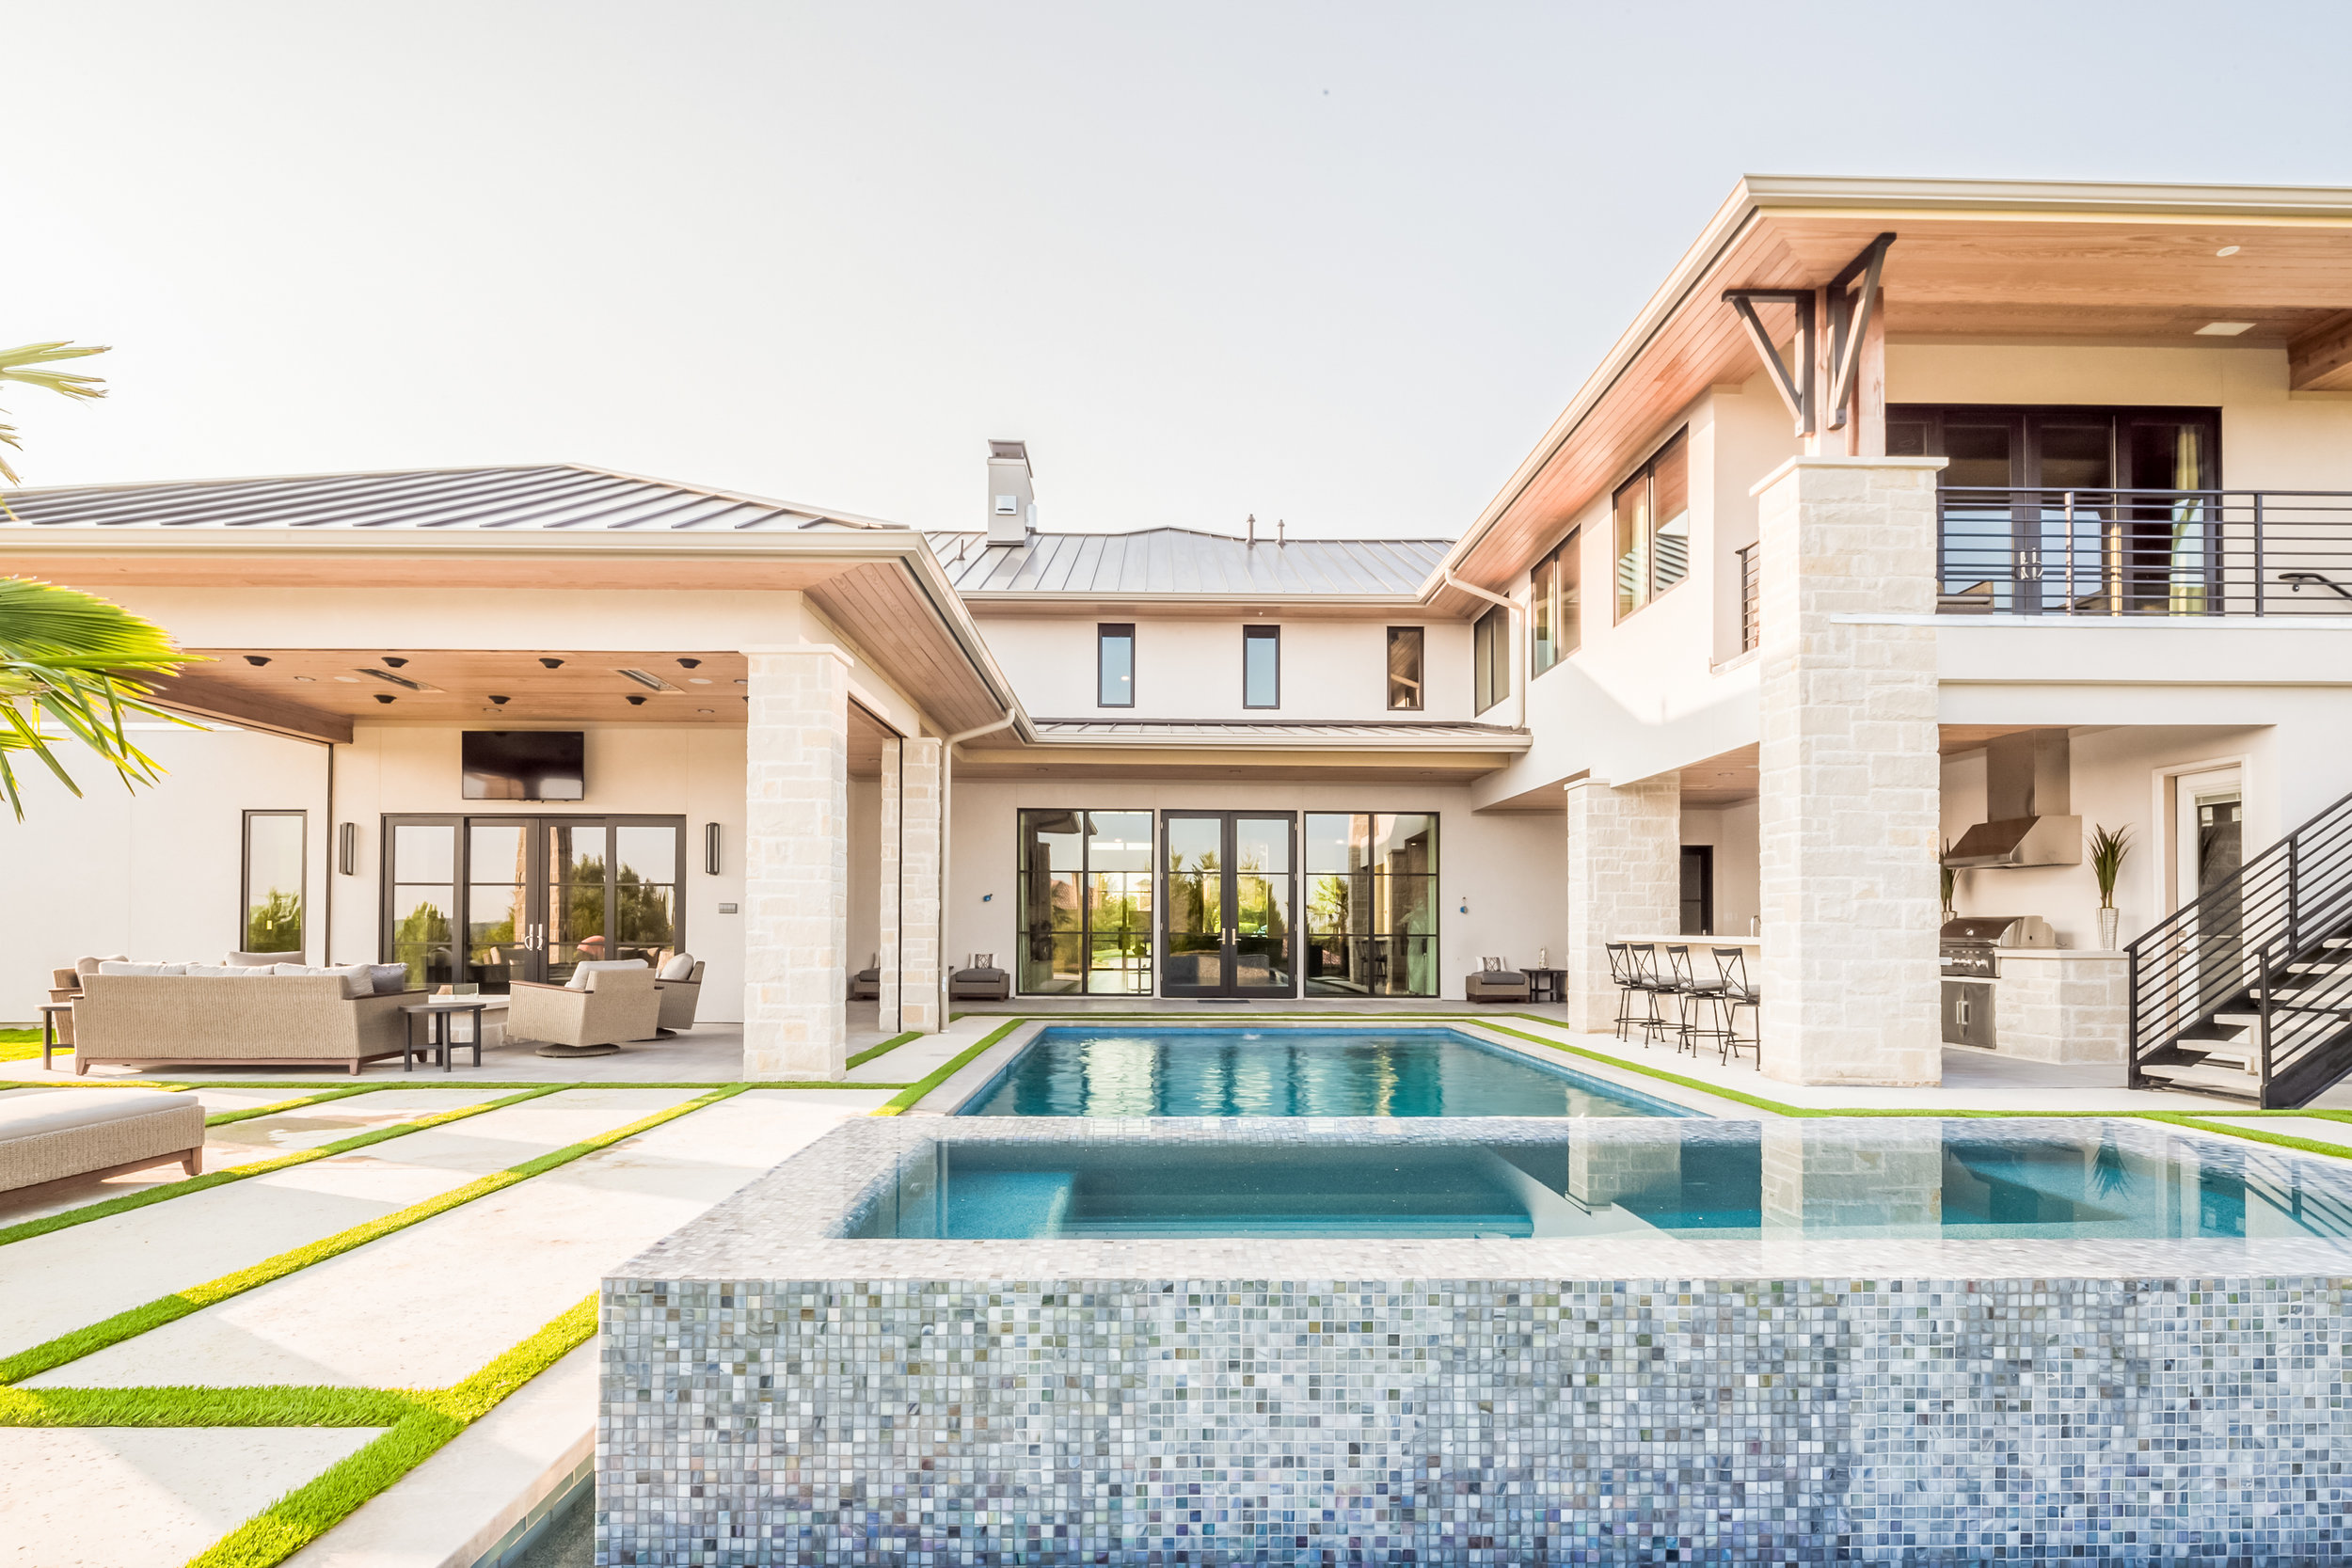 La Cantera Dream Home -